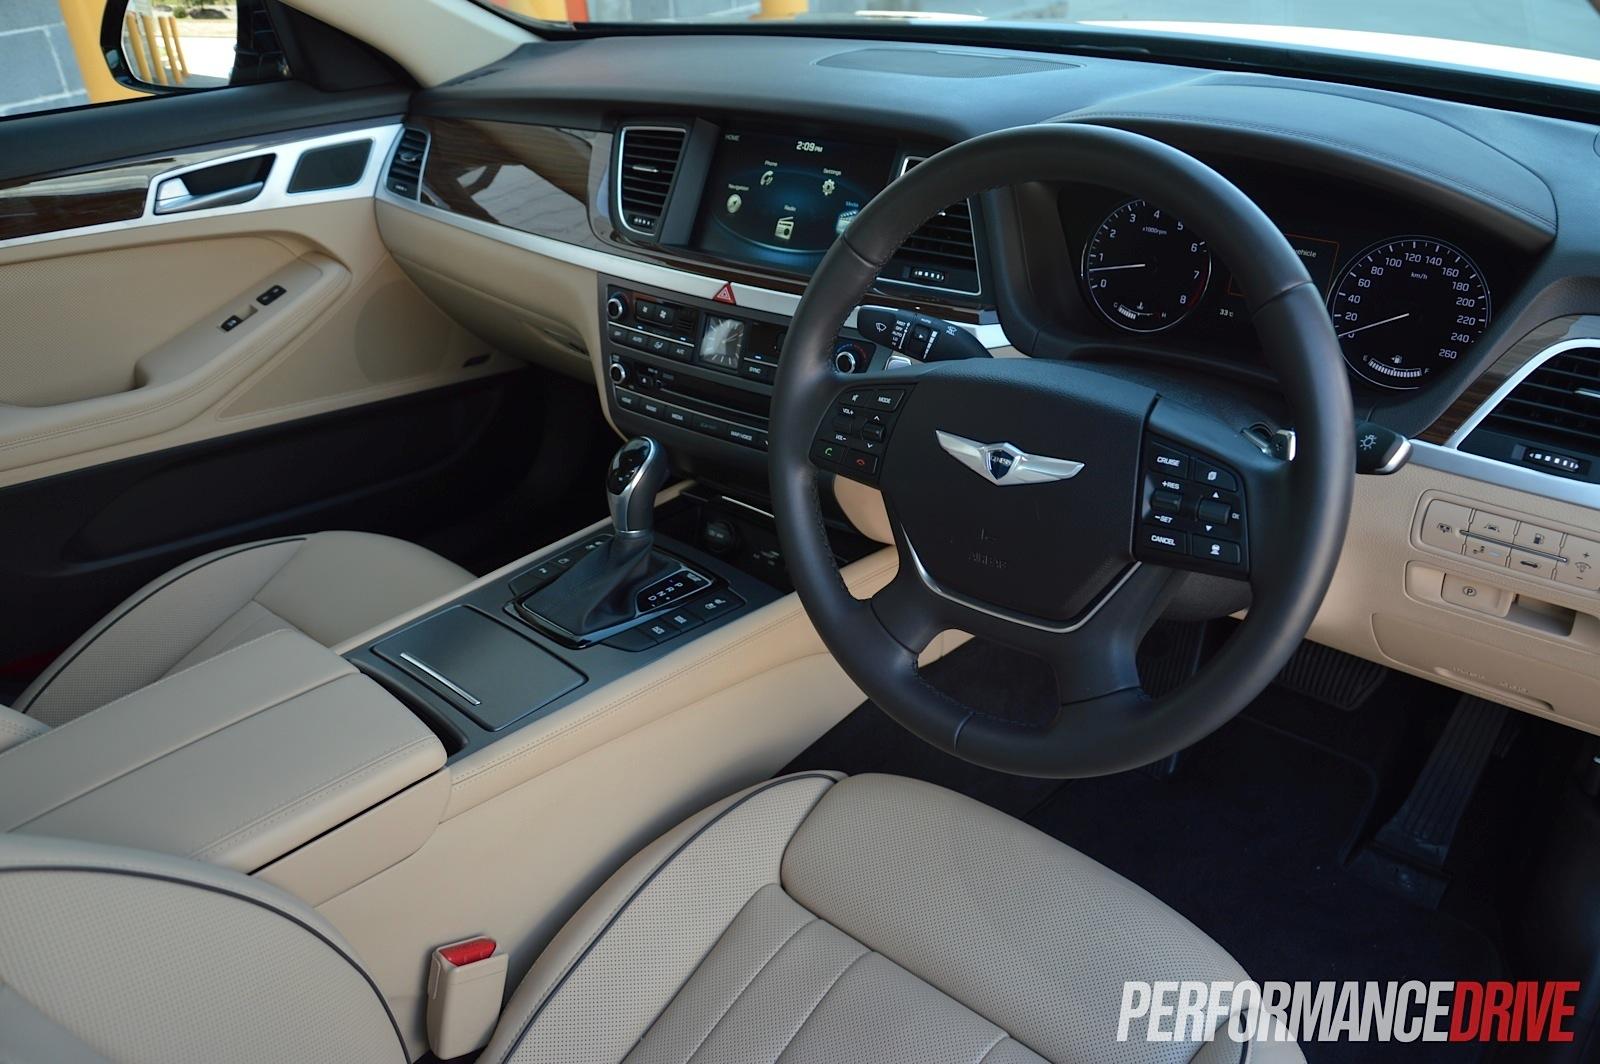 2015 Hyundai Genesis Ultimate Pack review (video) | PerformanceDrive